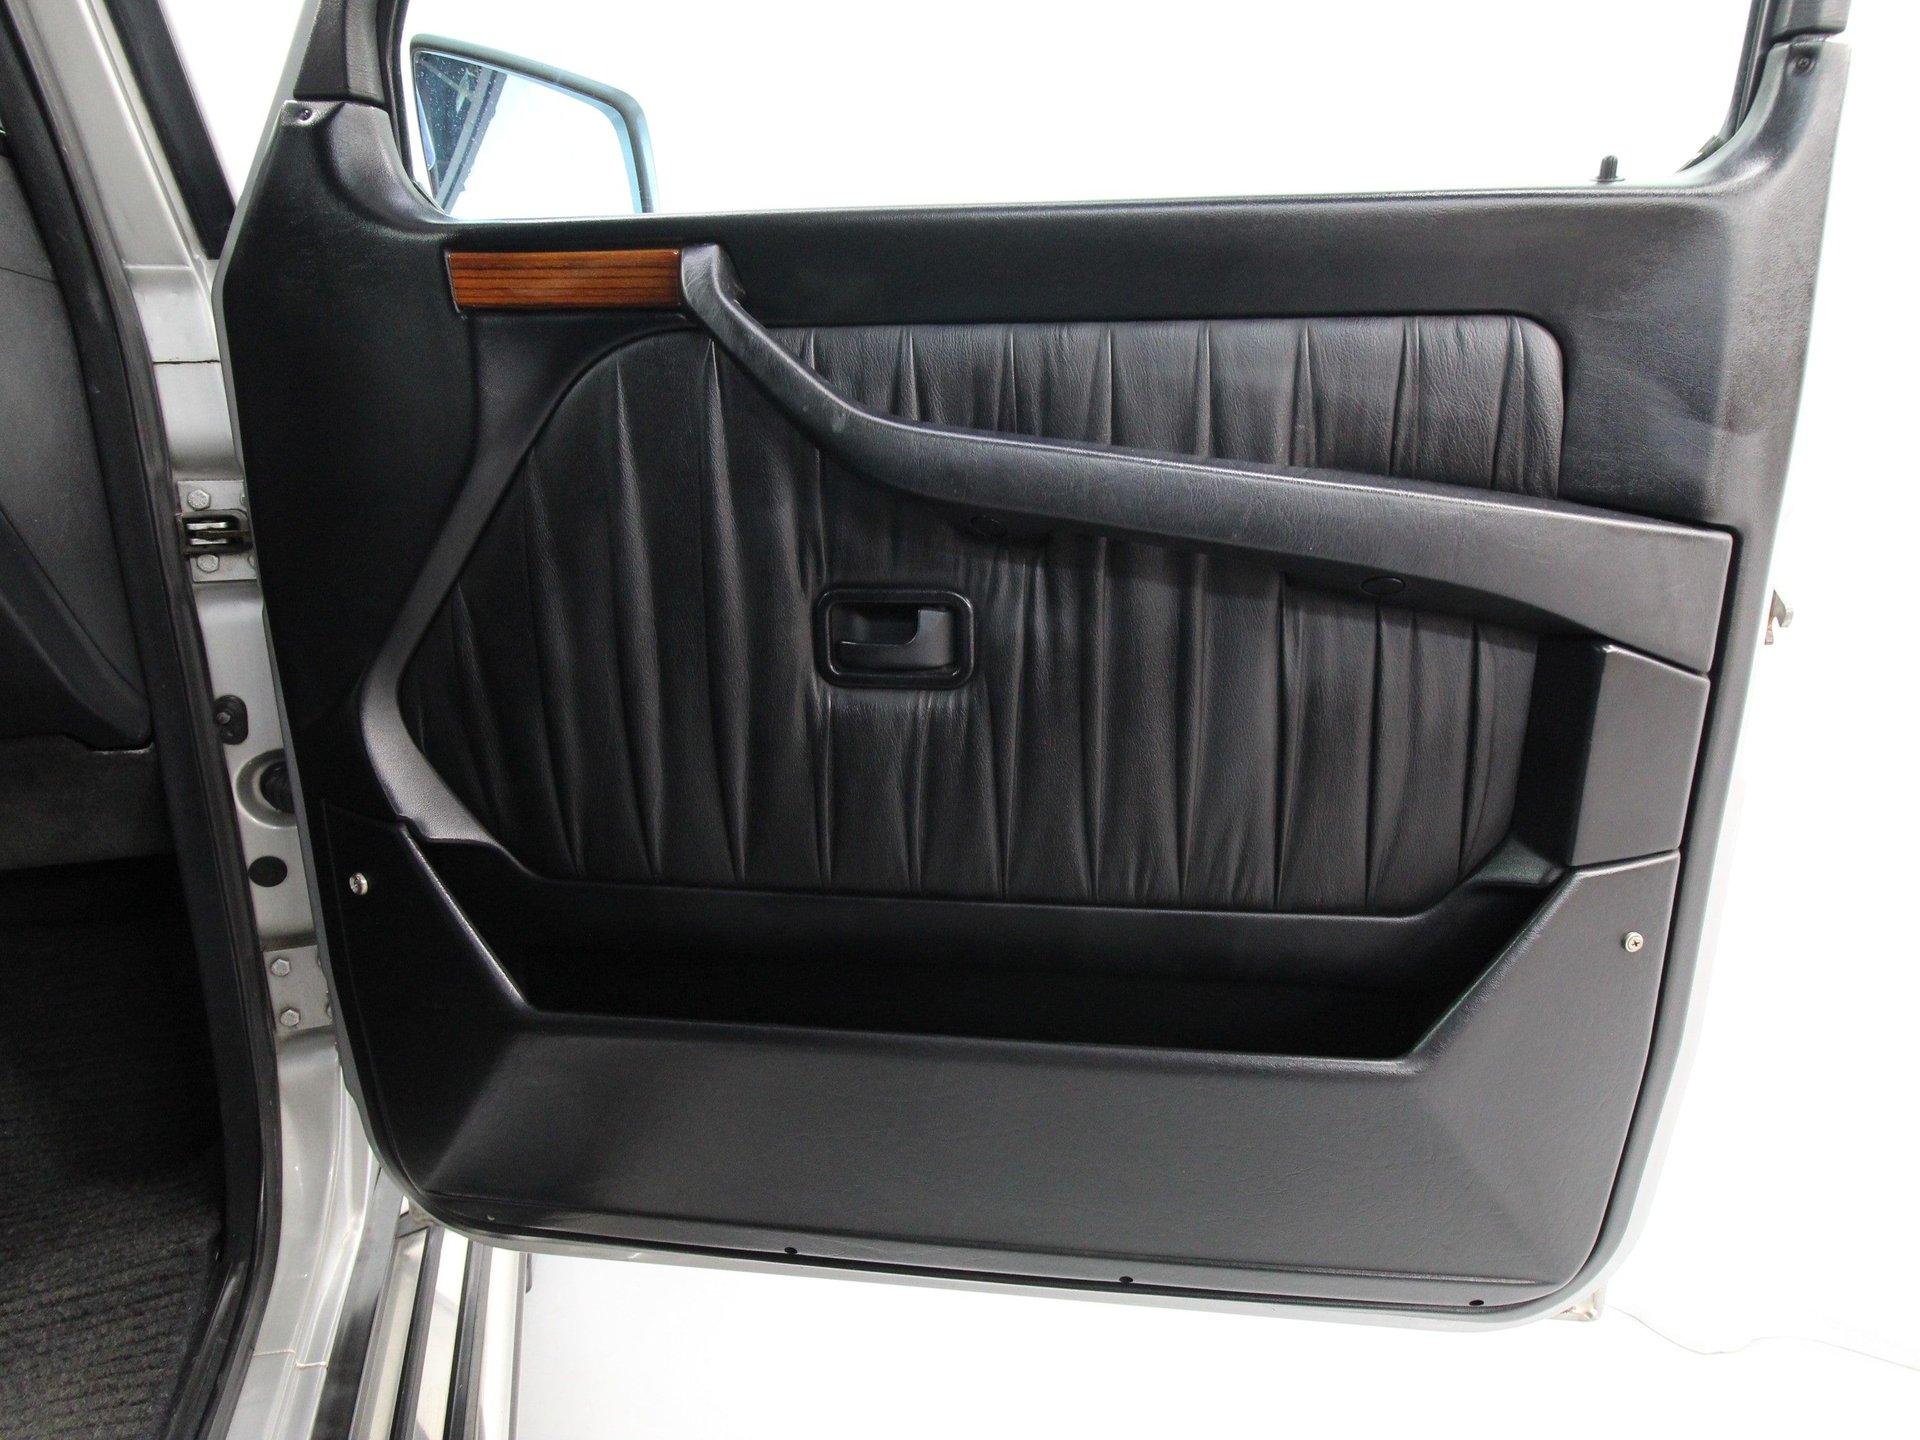 1993 Mercedes-Benz G320